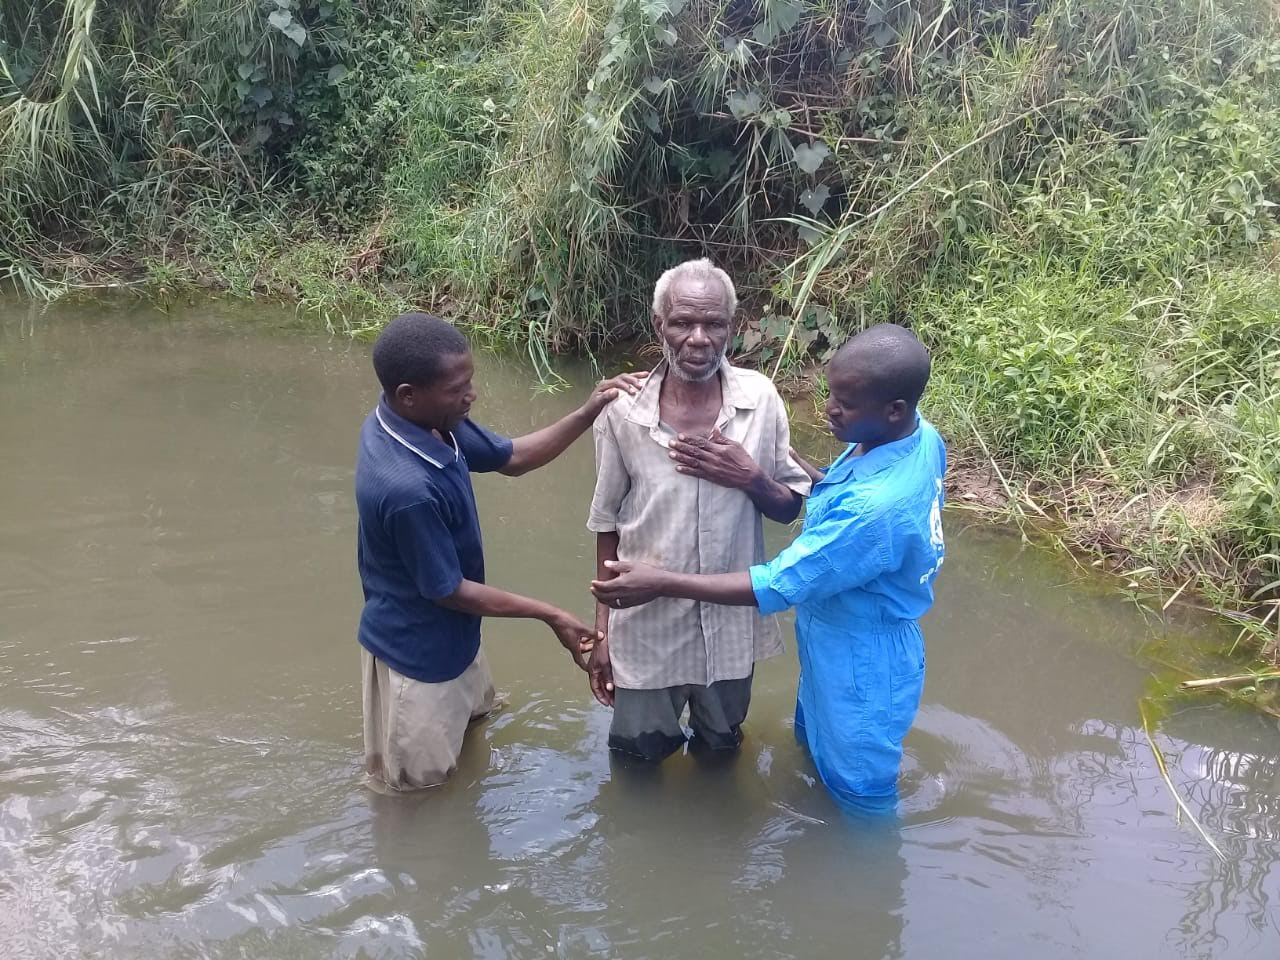 Baptism in Uganda